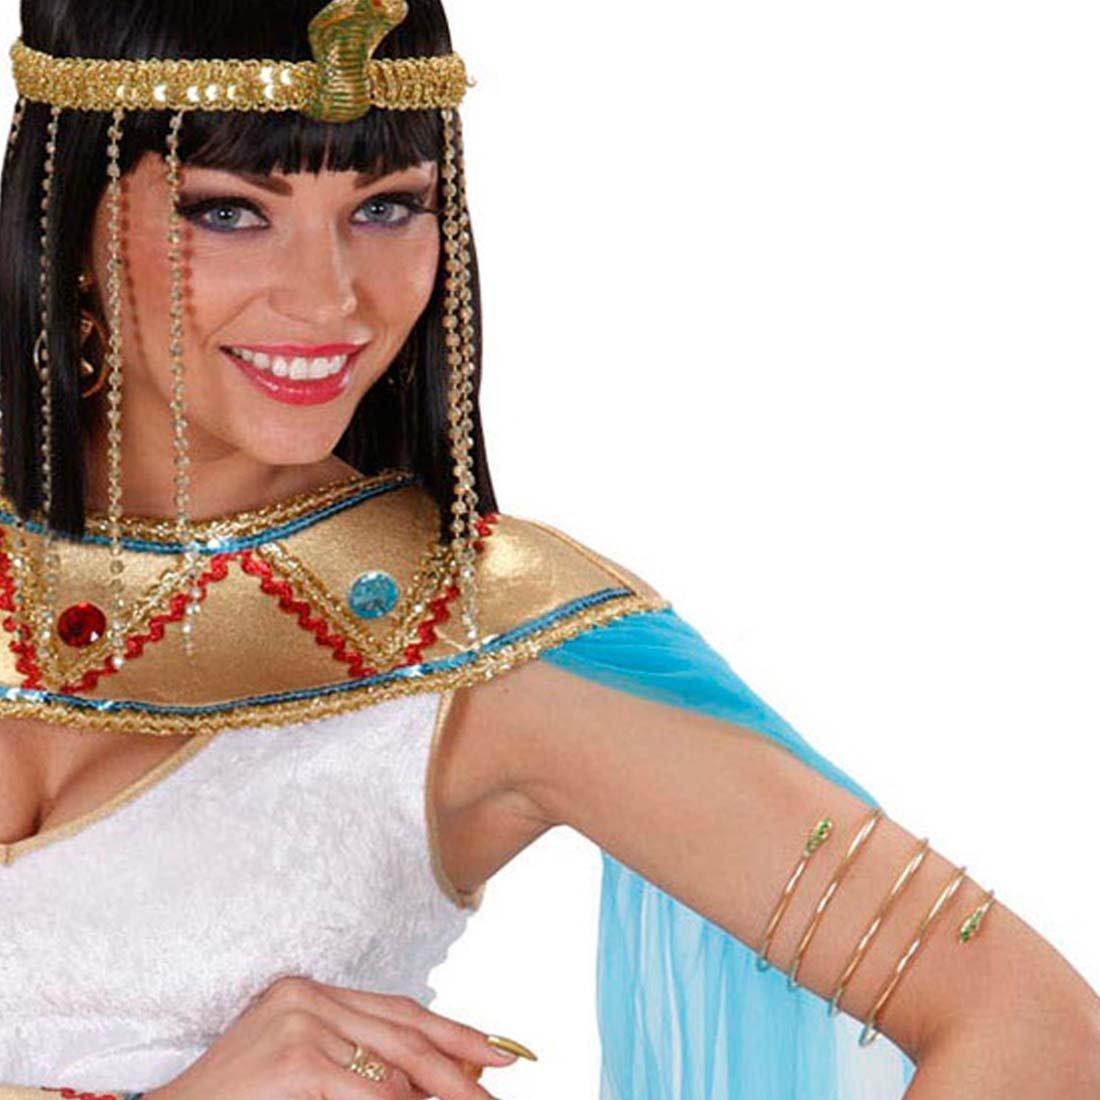 Bracciale egizio serpente Cleopatra serpe gioiello antico Egitto dea faraone accessorio dorato orien